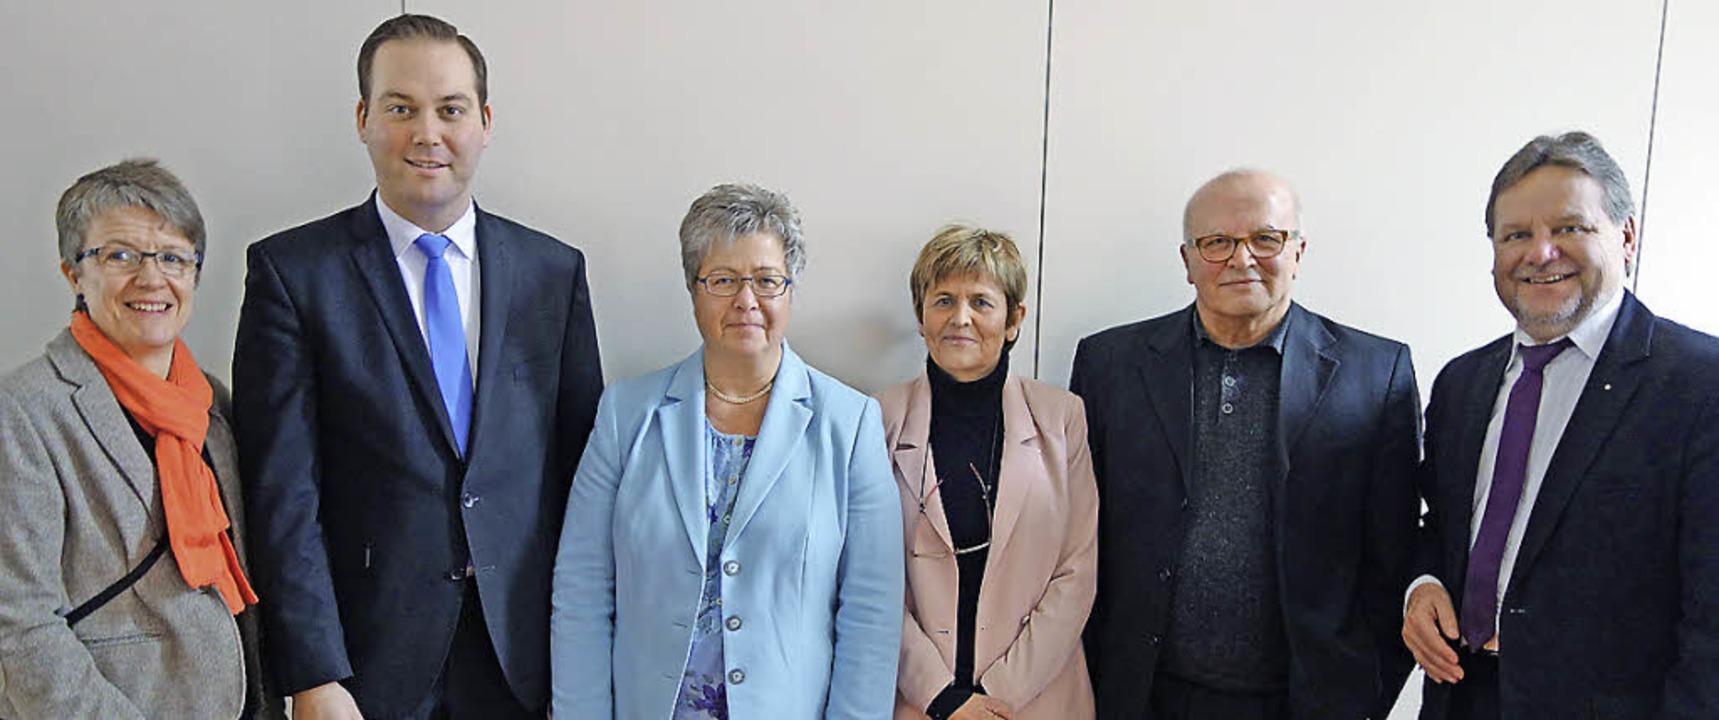 Marianne Würth, Felix Schreiner, Sabin...die Bedeutung der Hans Carossa Klinik.  | Foto: Andreas Mahler